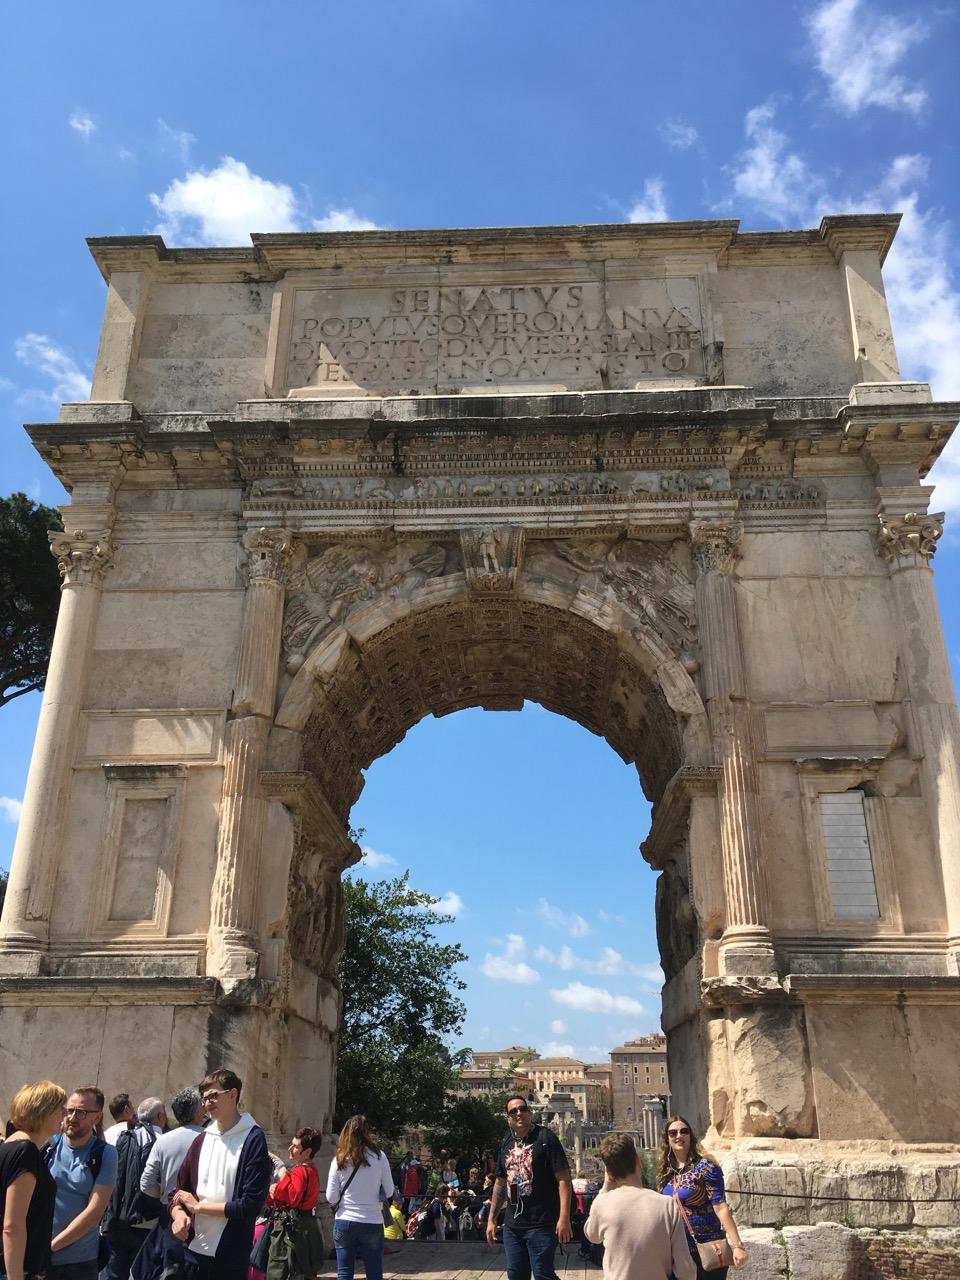 进入古罗马遗址后的一个门,提多大帝凯旋门(Arch of Titus),罗马现存最古老的拱门建筑,公元81年所建